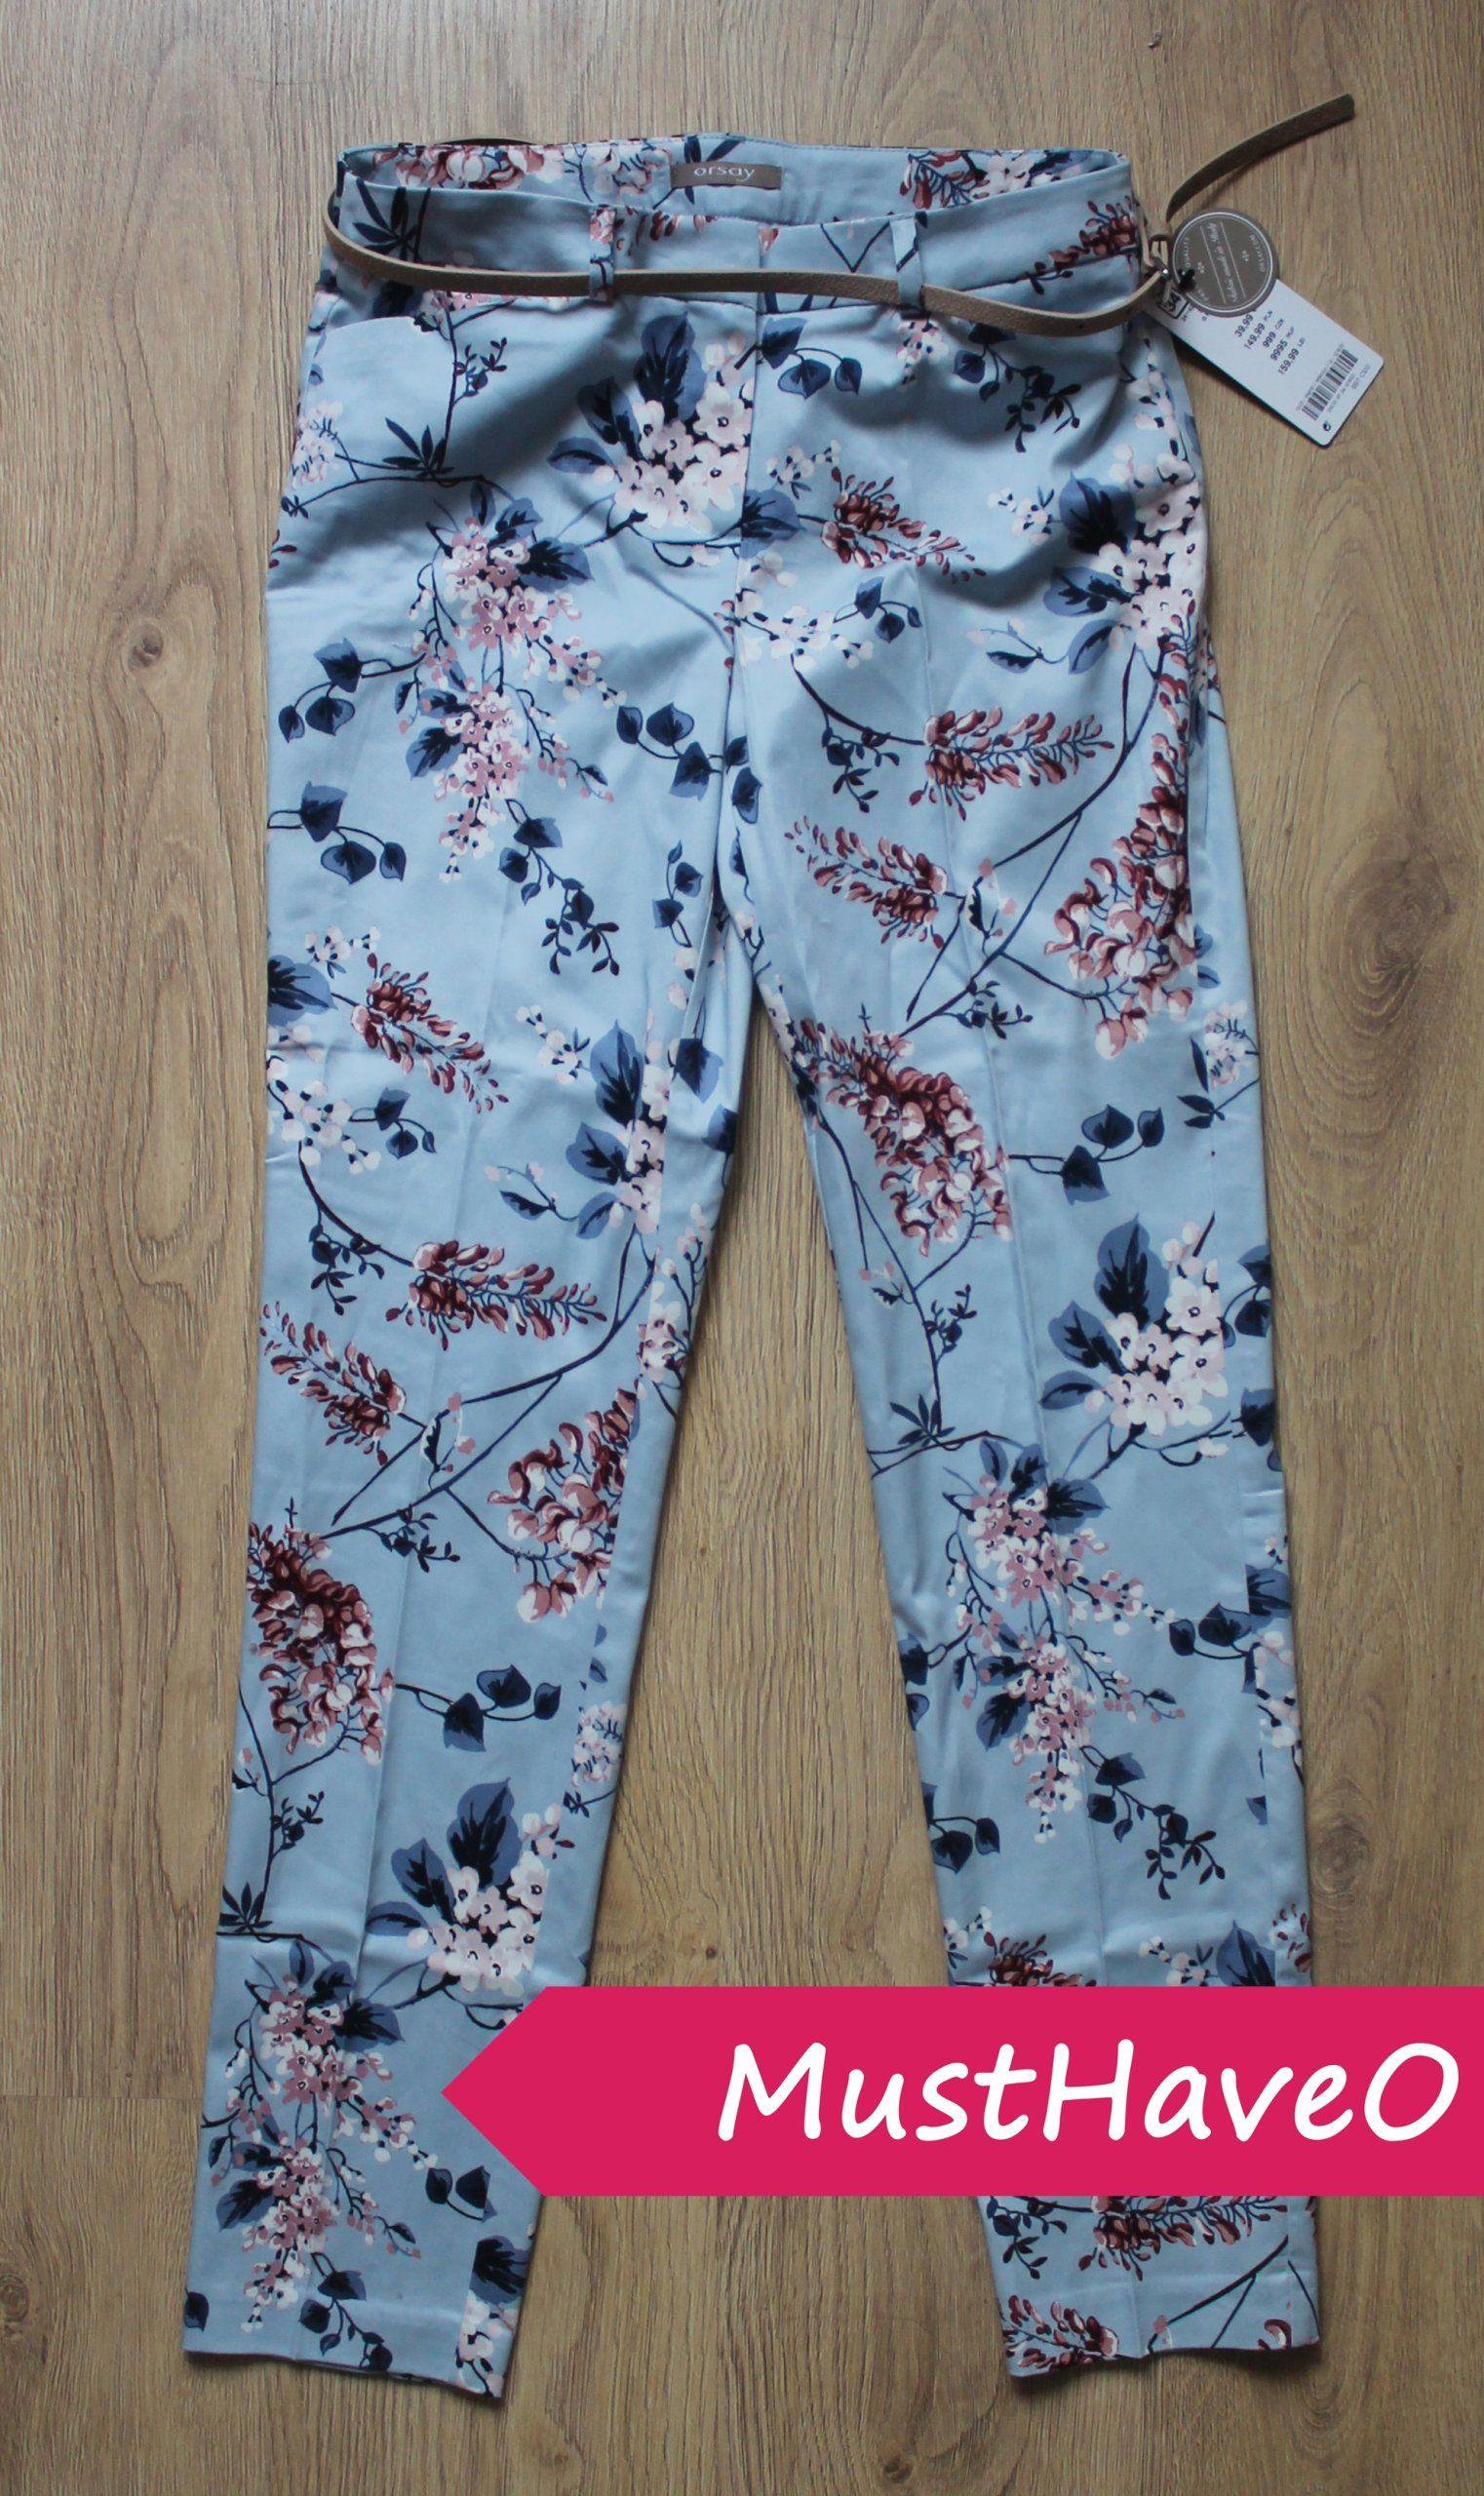 Orsay Spodnie Cygaretki Niebieski Kwiaty Pasek Xs 7093770888 Oficjalne Archiwum Allegro Fashionista Pajama Pants Pants